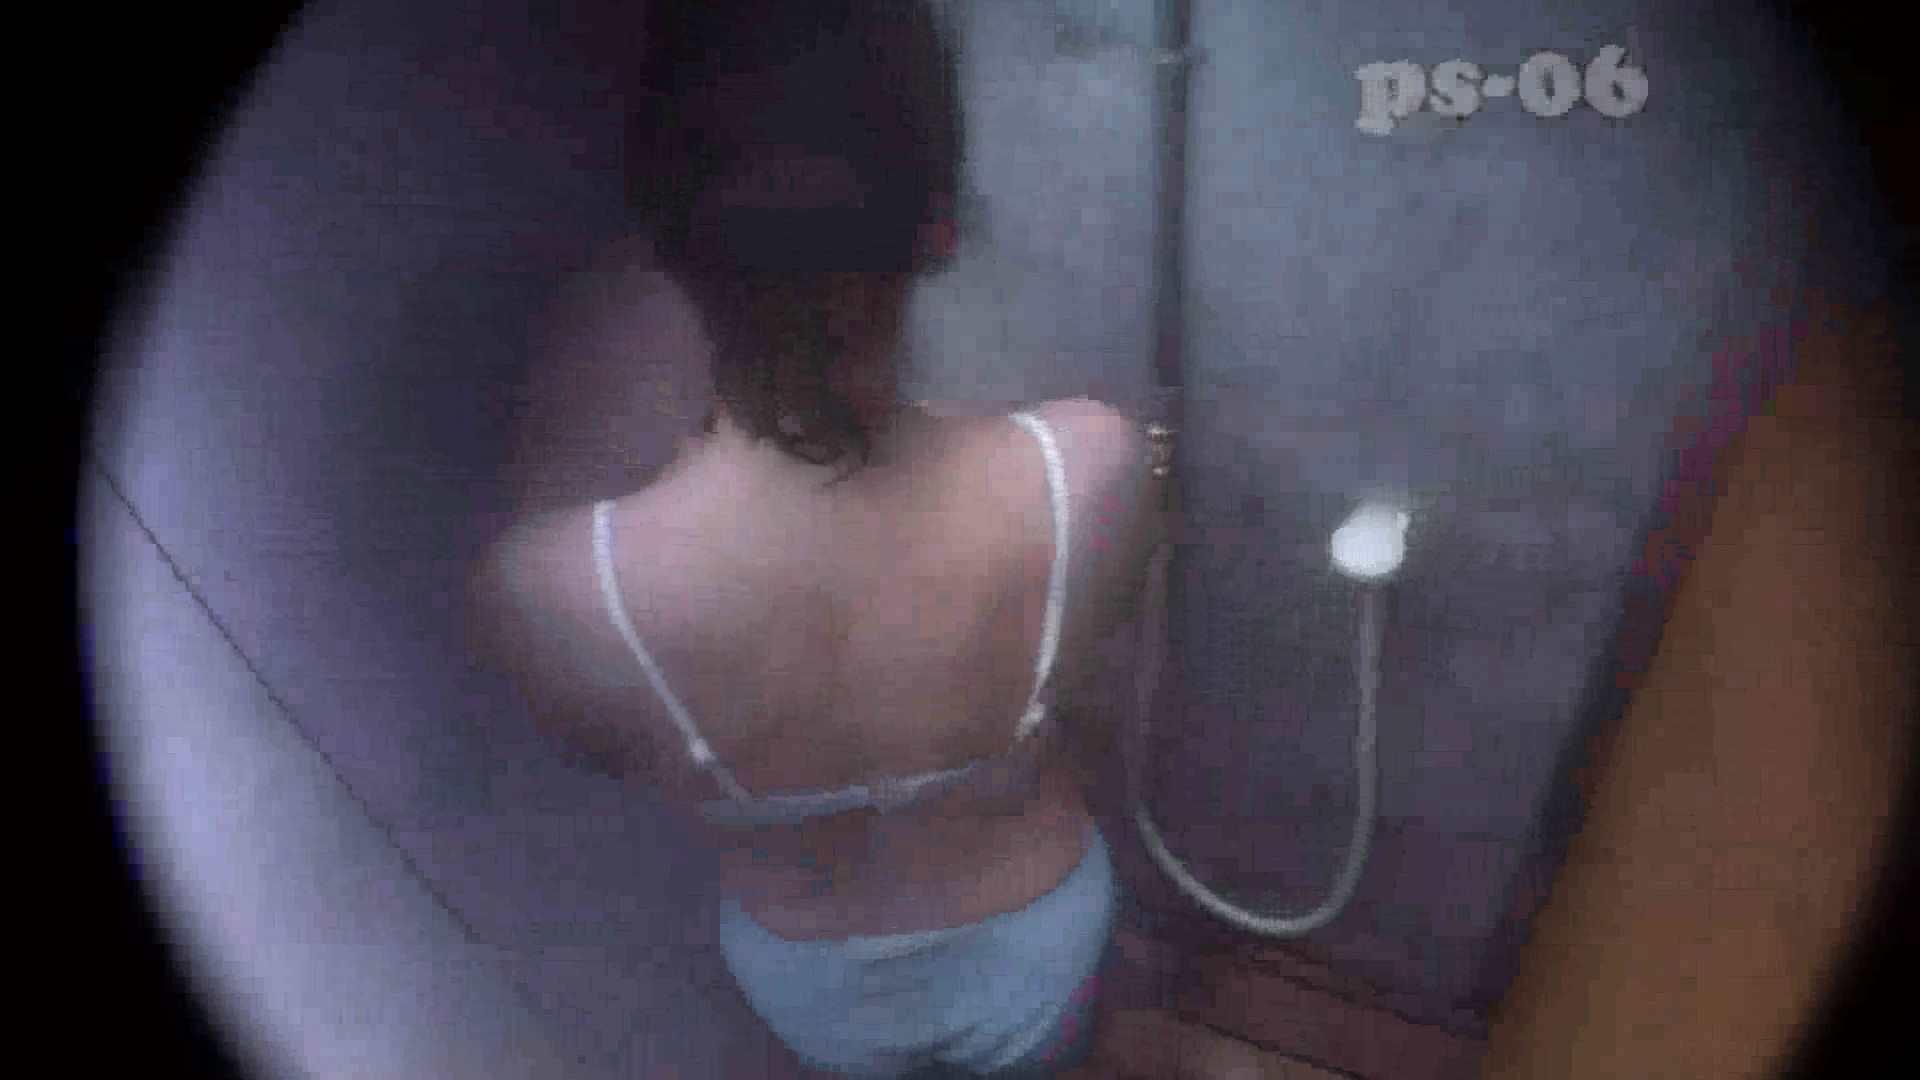 シャワールームは危険な香りVol.6(ハイビジョンサンプル版) 名人 エロ画像 60連発 43